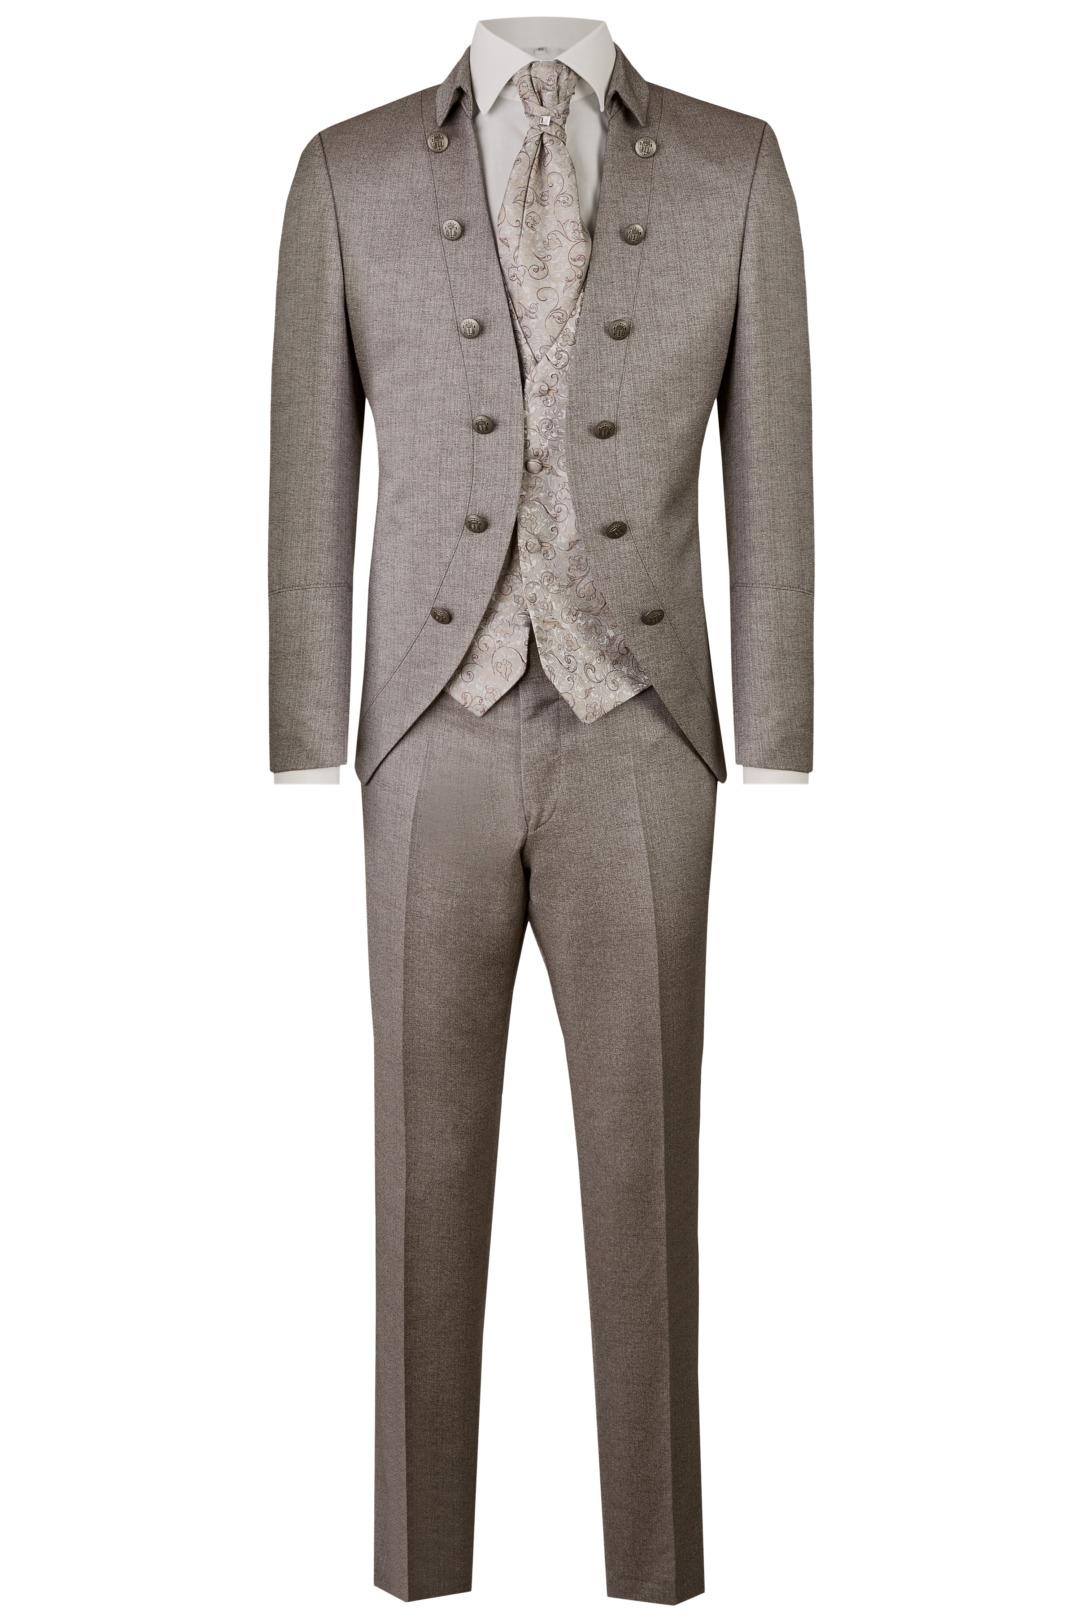 Wilvorst Tziacco Hochzeitsanzug Männer Mode Bräutigam extravagant braun wil_0121_otf_tz-look-5_1